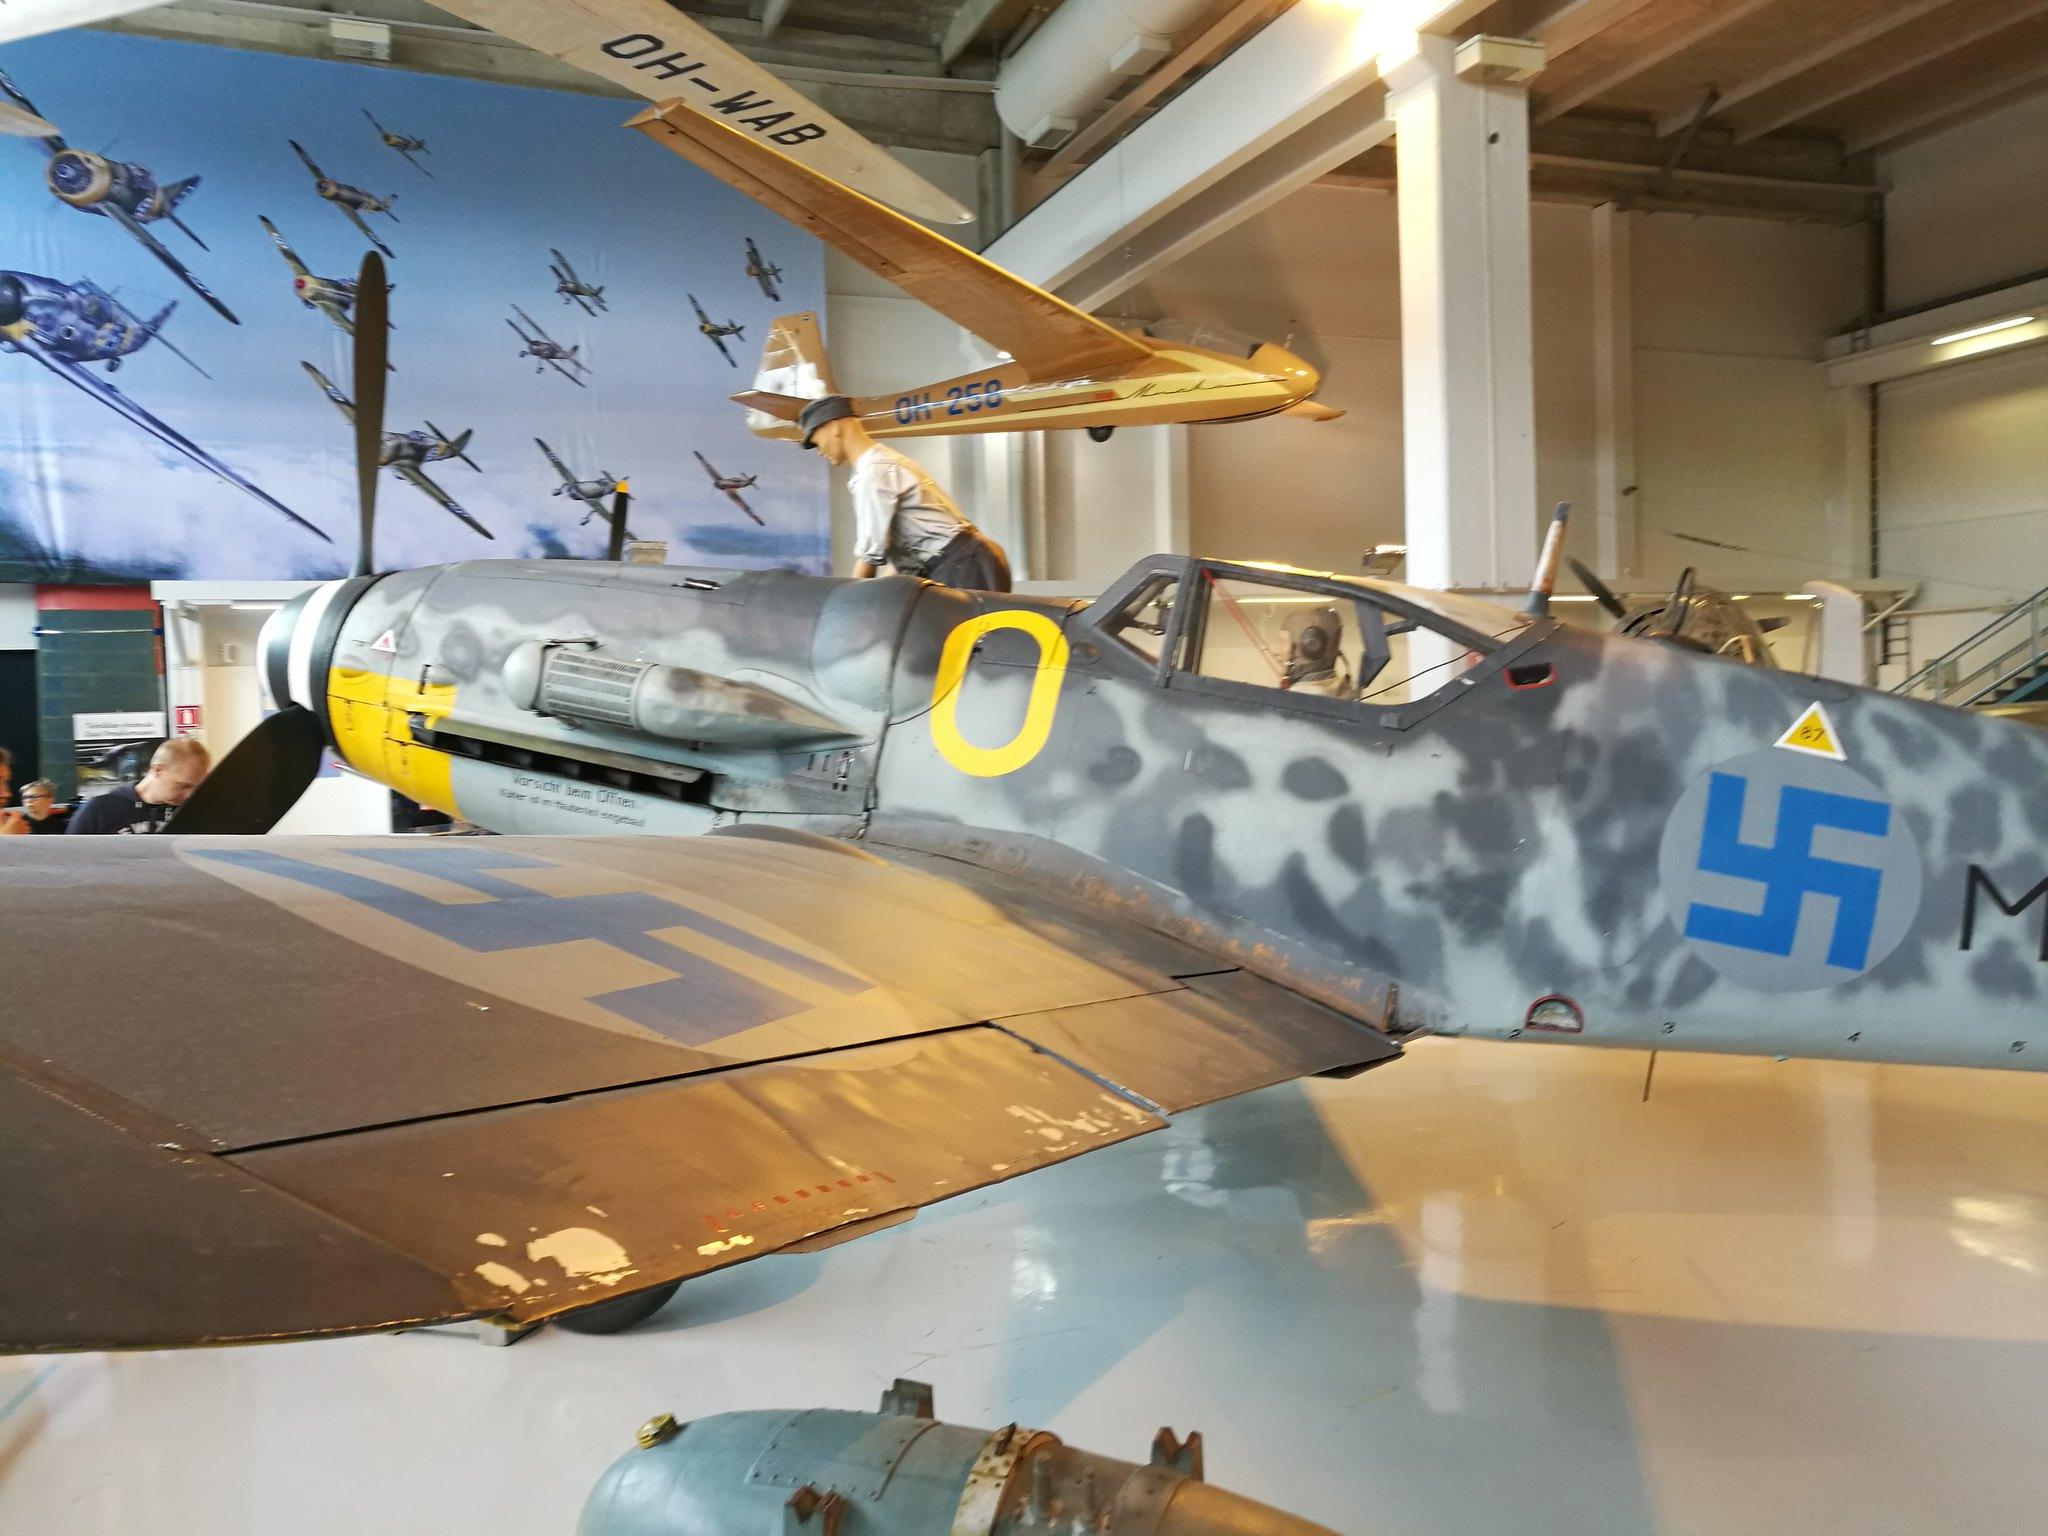 Hemkommen från semester i Finland med utflykt till Finlands Flygvapenmuseum. 48292962981_2443dd34d2_k